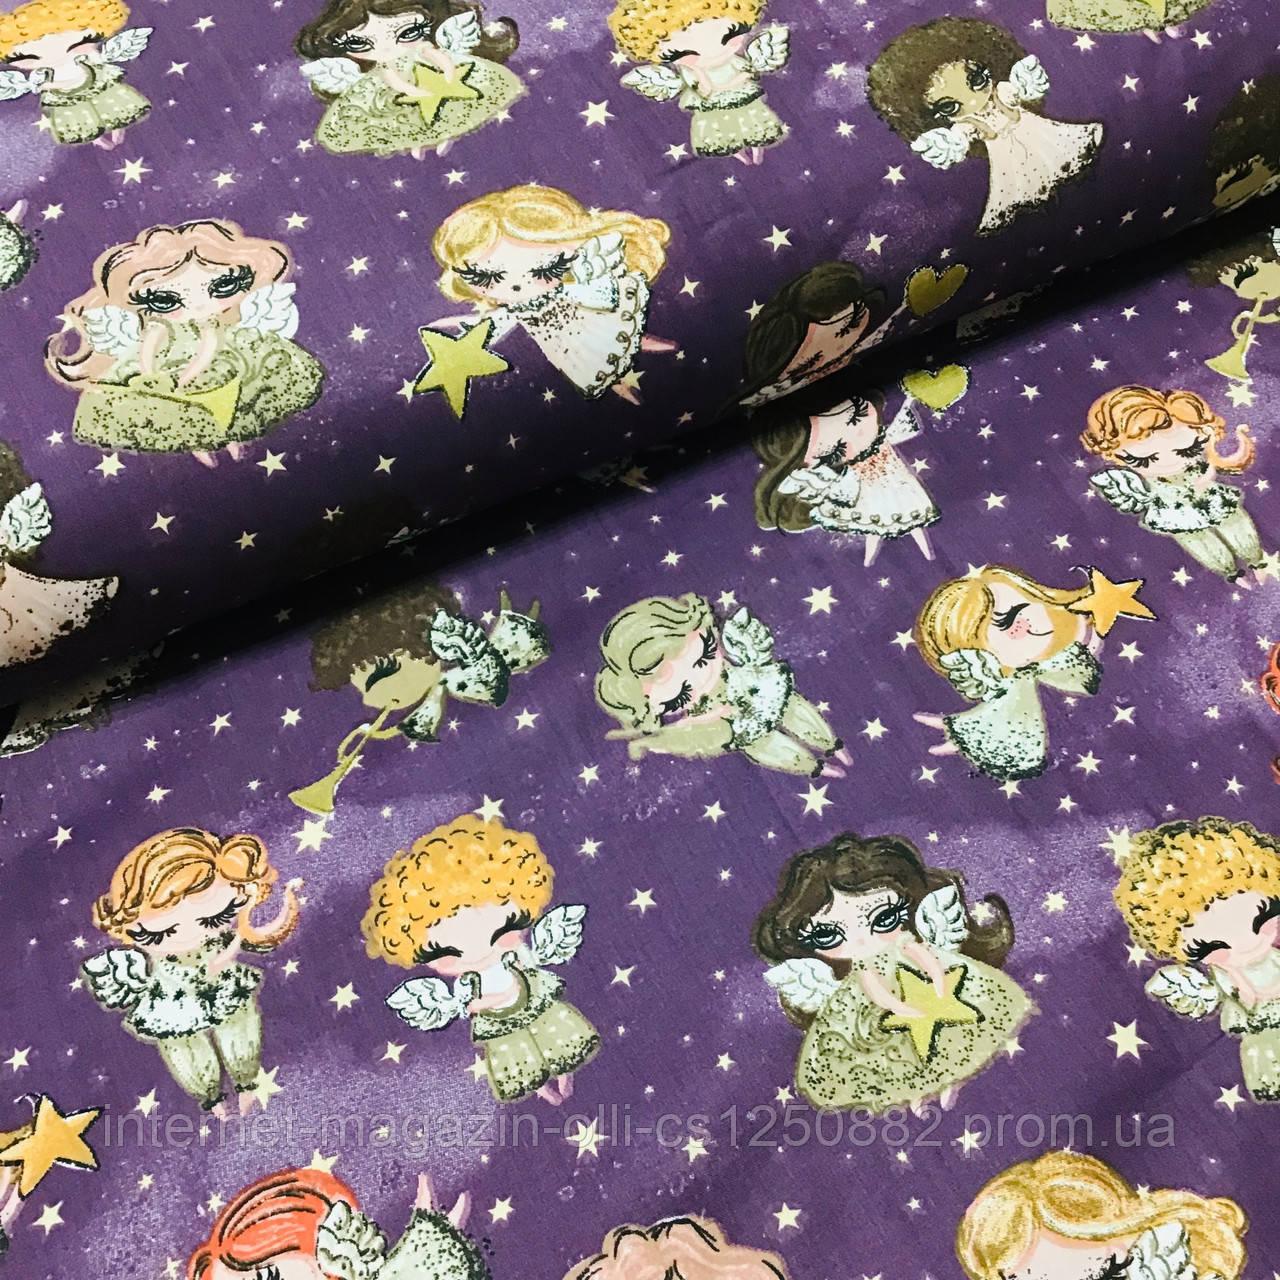 Ткань польская хлопковая, девочки и мальчики ангелочки с золотистыми (глиттер) сердечками на фиолетовом